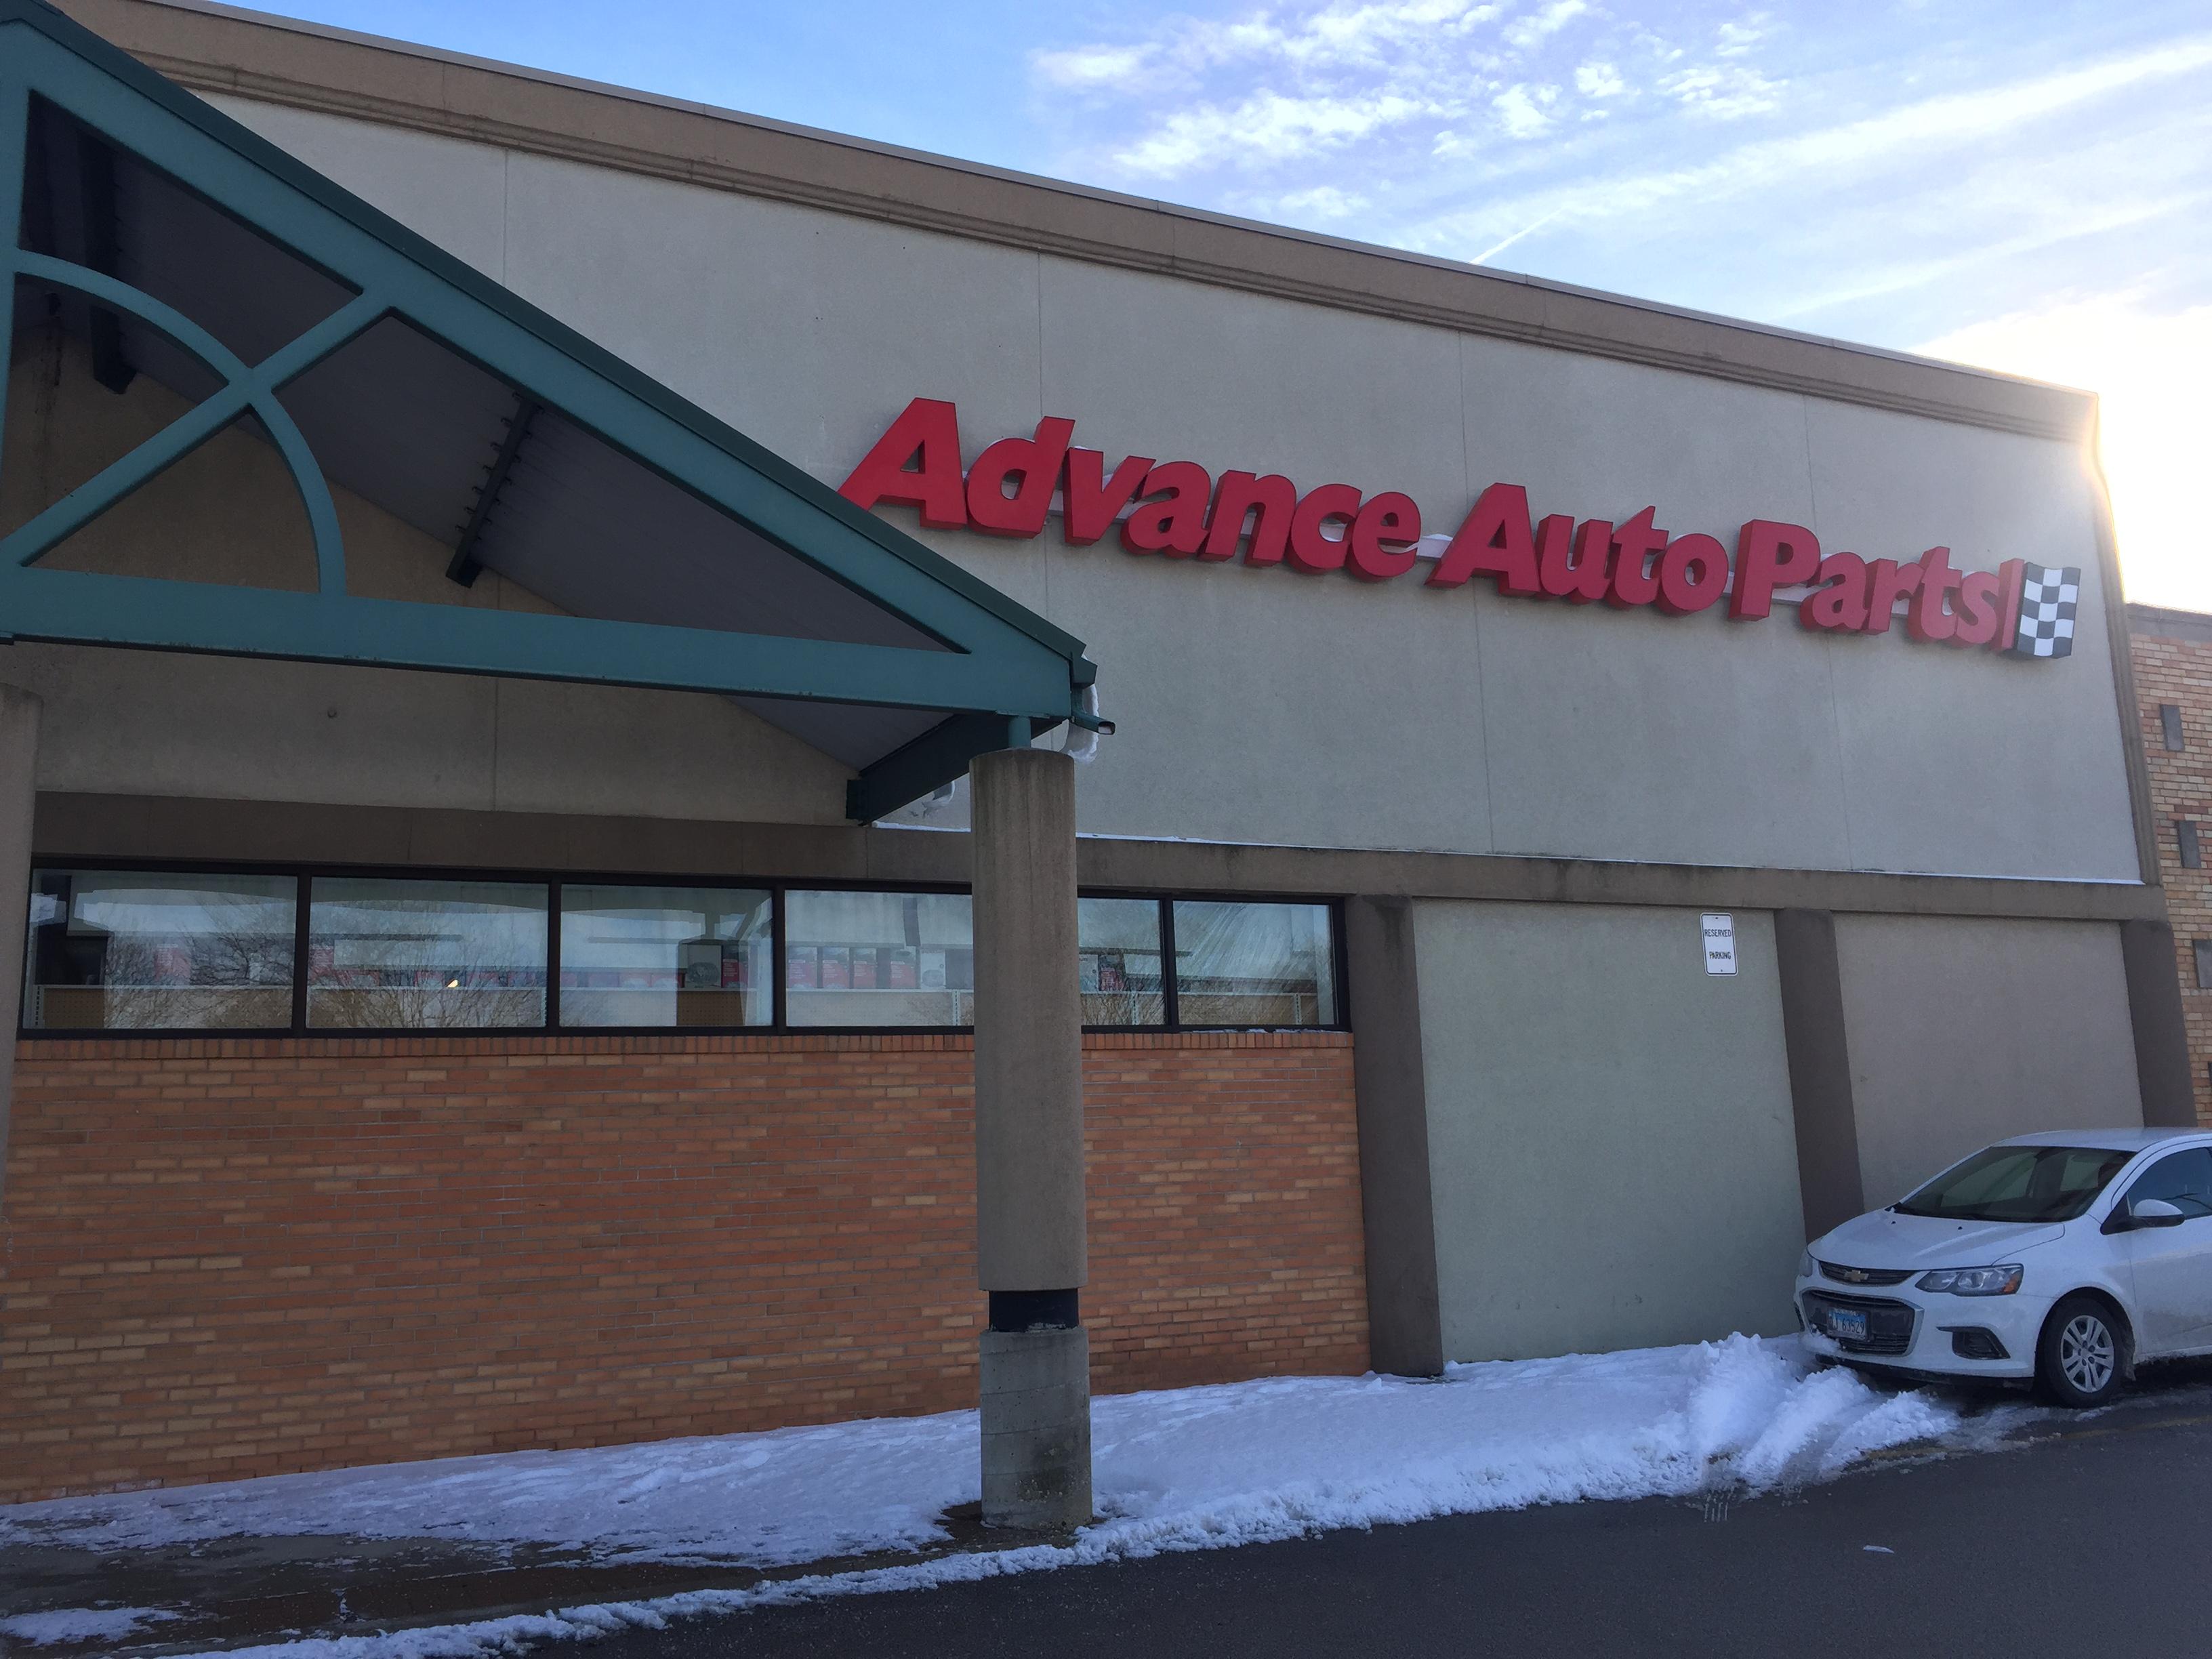 advanceautoparts.com/survey